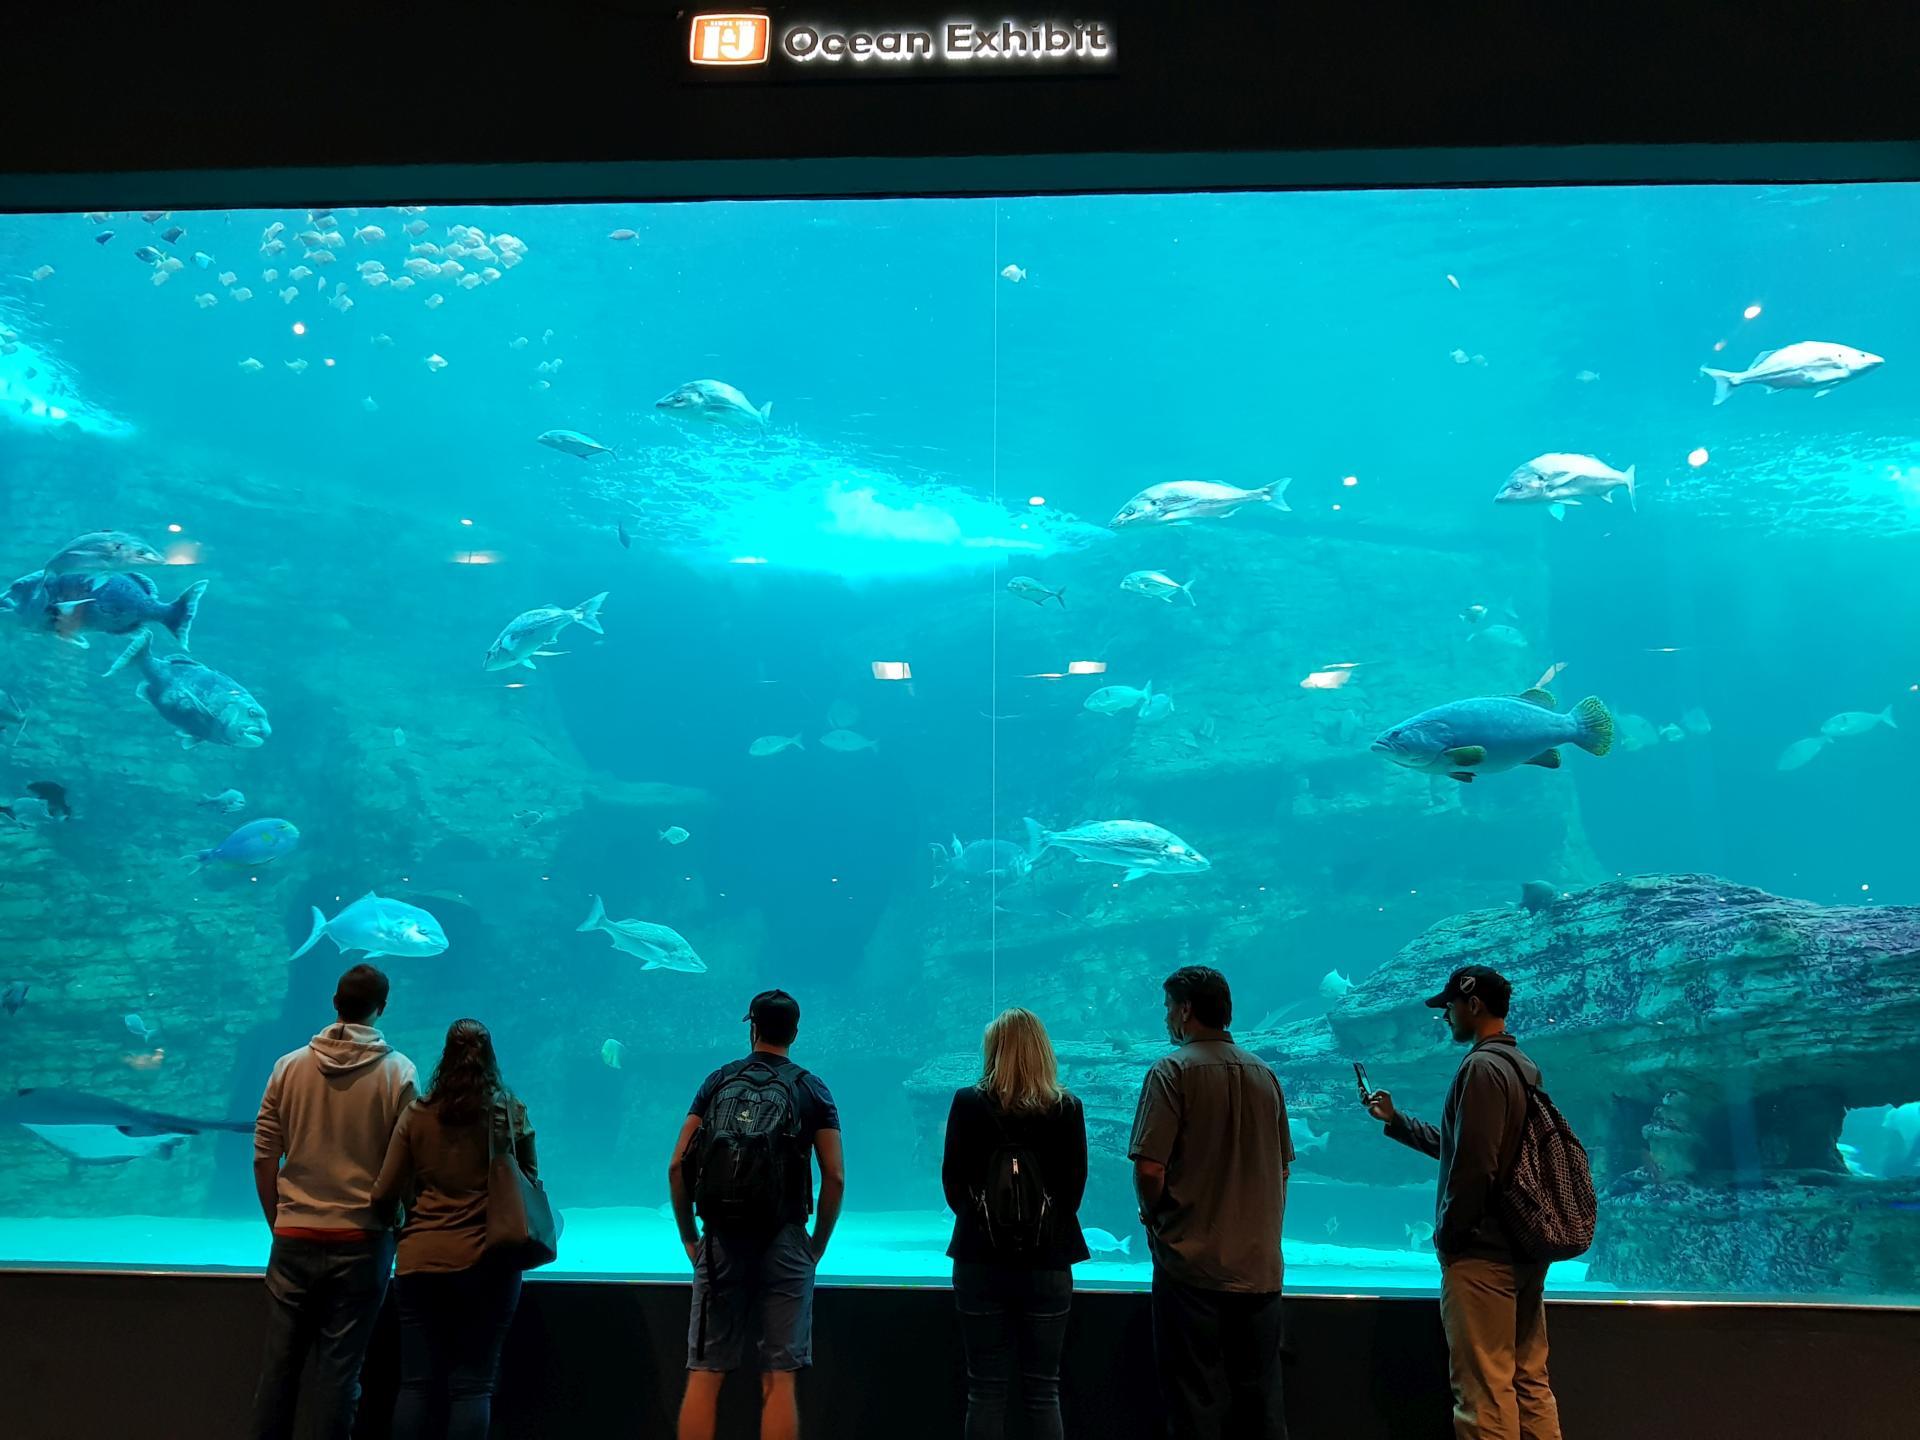 аквариум в океанариуме Кейптауна